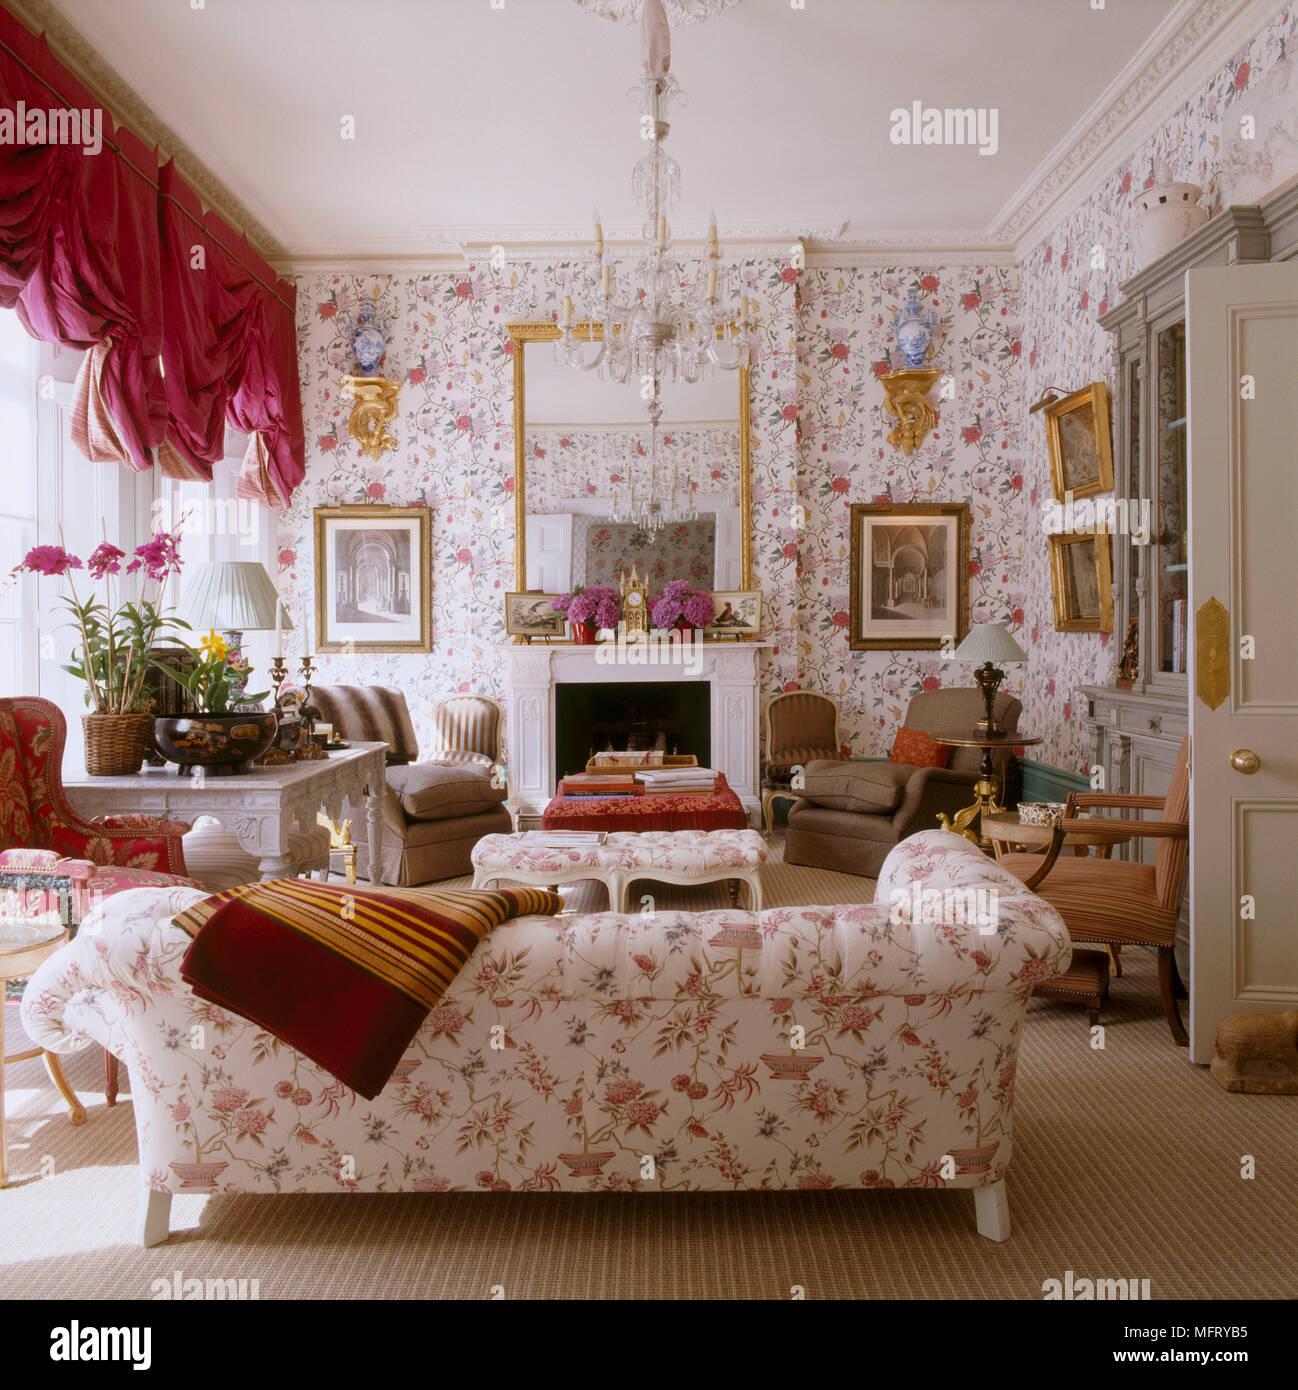 Eine große traditionelle Wohnzimmer mit Kamin roter geblümter Tapete ...